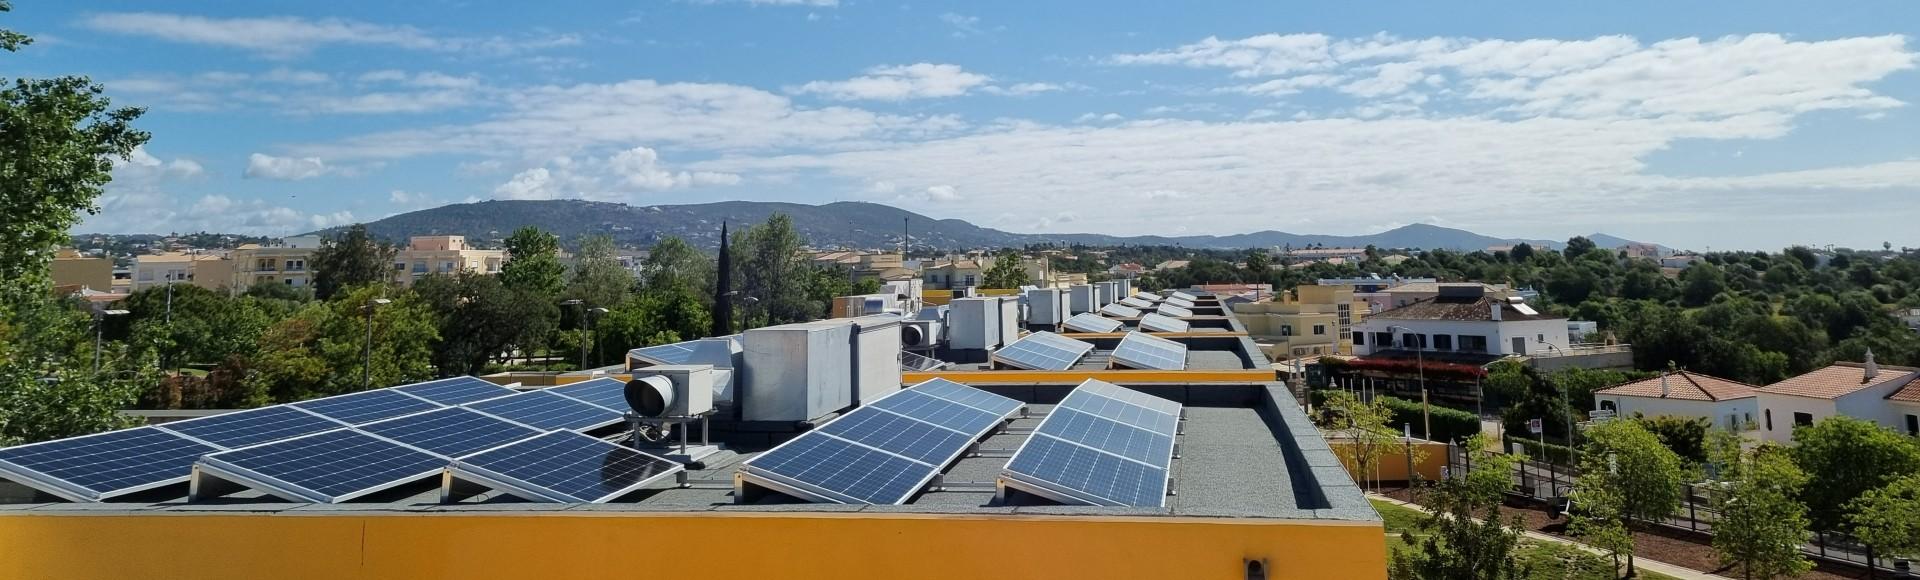 Energias renováveis: Fotovoltaico em Loulé